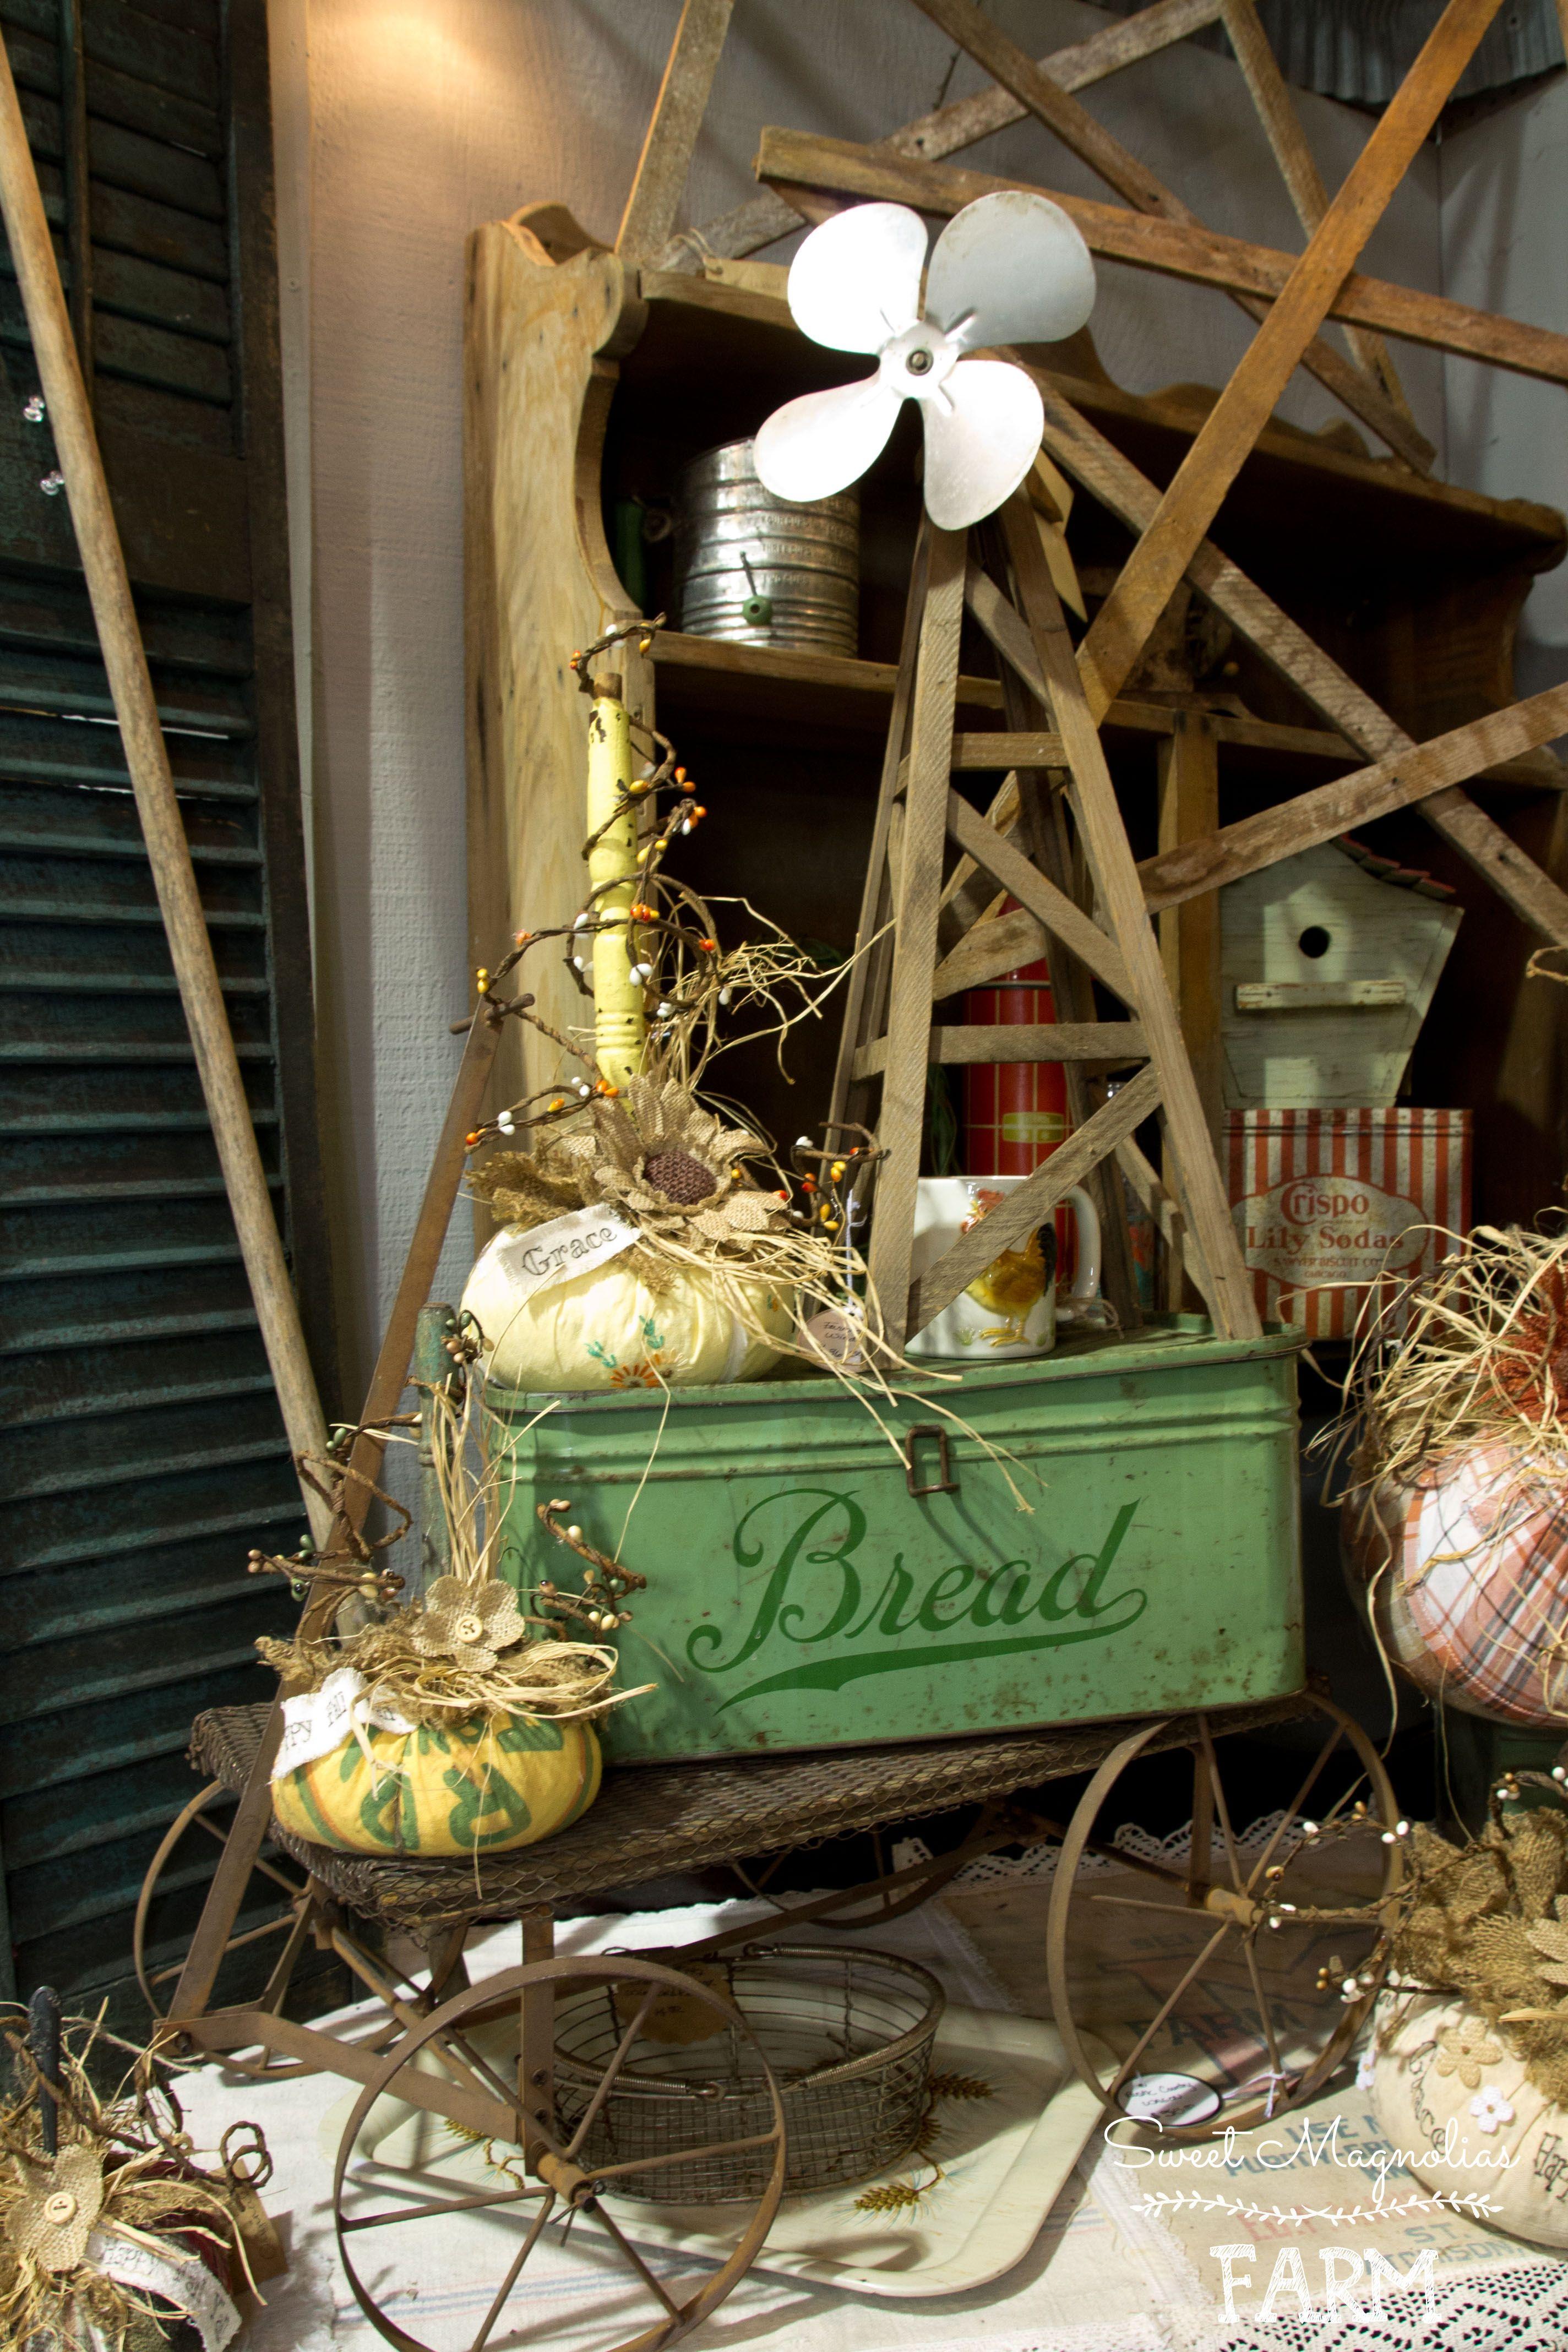 antique stores ozark mo Sweet Magnolias Farm Shop Display ~ Our Farmhouse Original  antique stores ozark mo